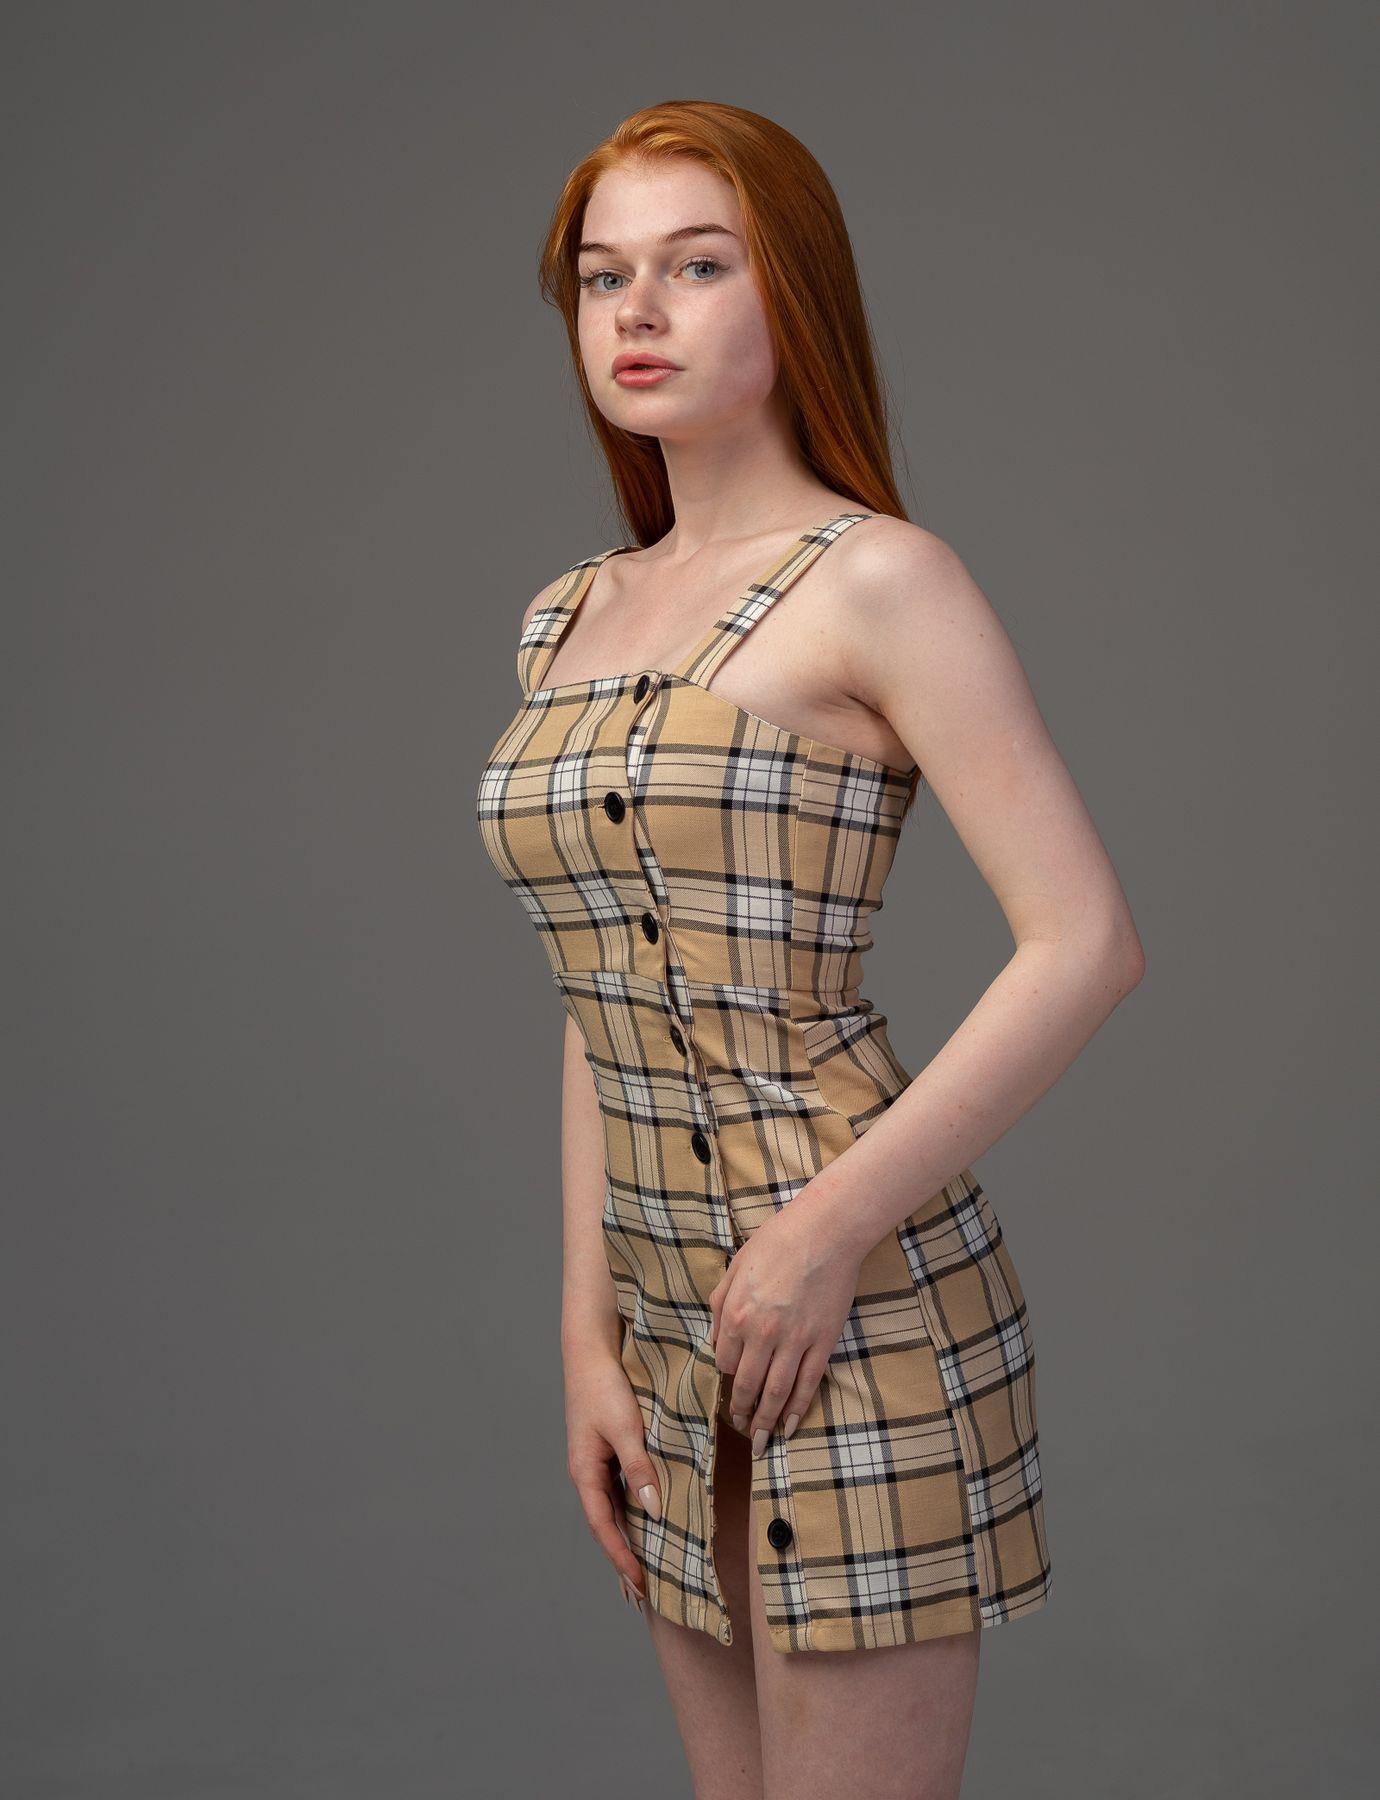 Анастасия Женский портрет студийный красивая девушка будуар